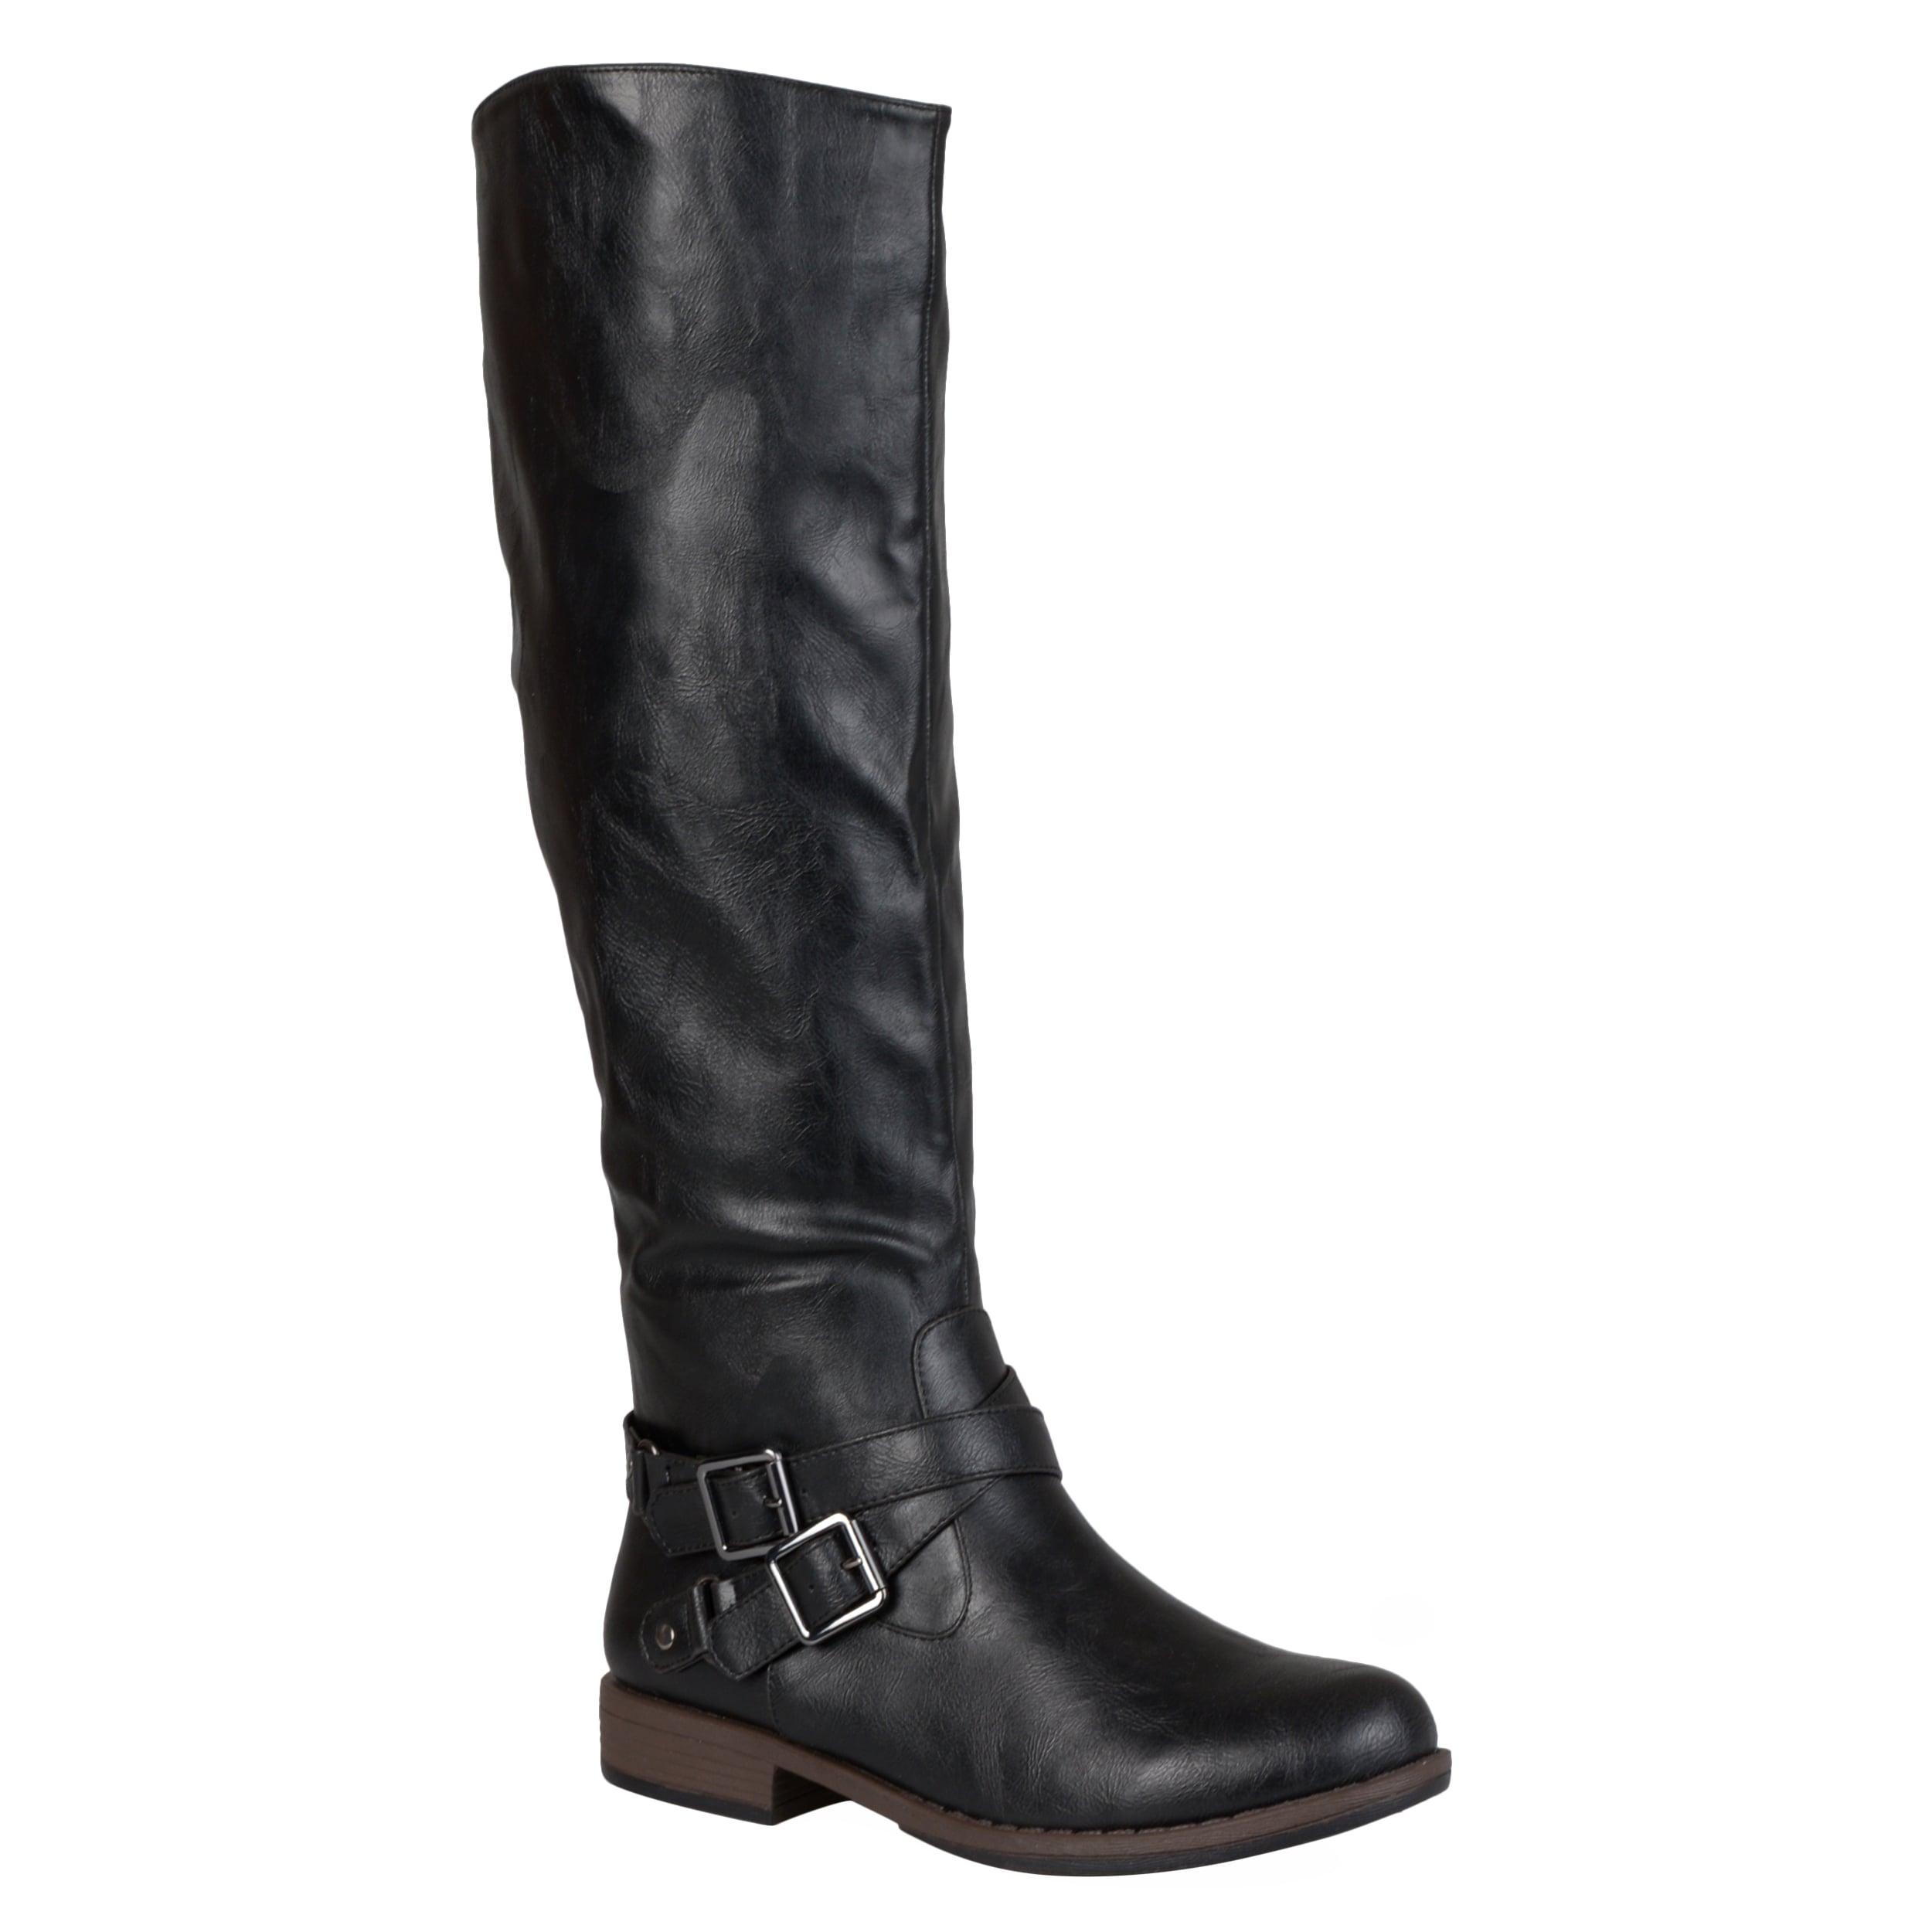 21aa5ee5e984 Buy Women s Boots Online at Overstock